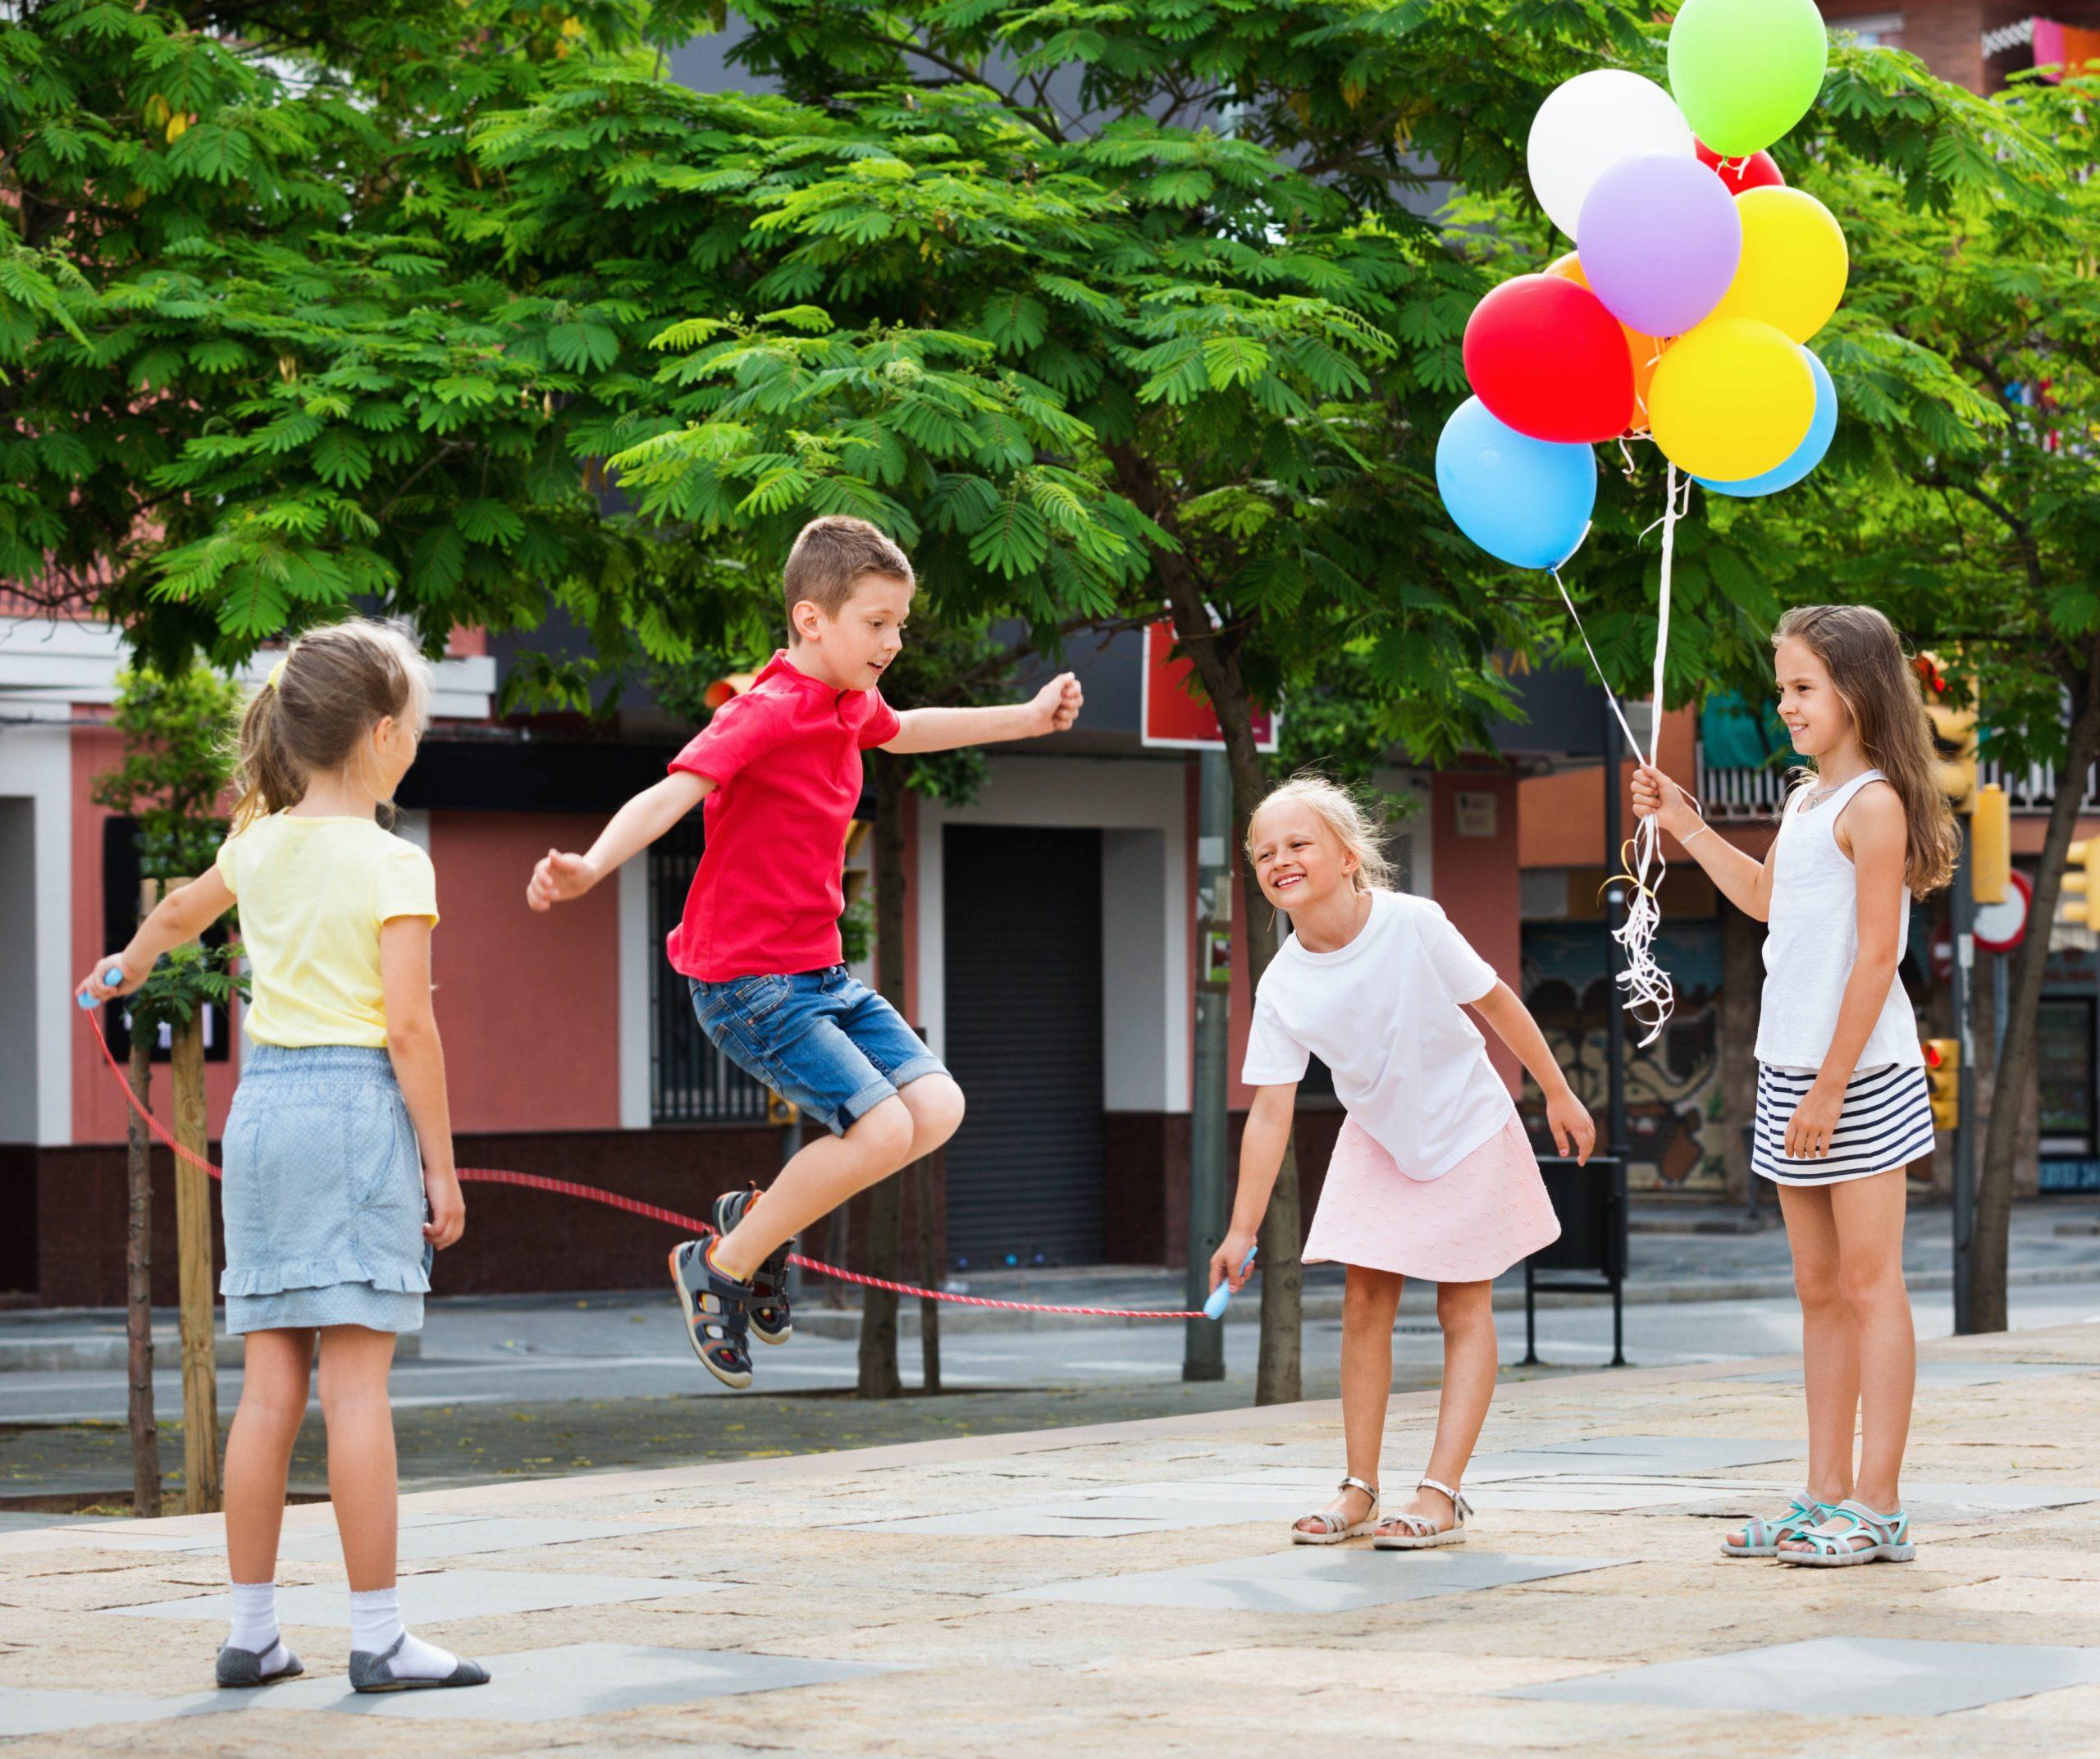 La oferta en actividades aumenta para cubrir las necesidades de los más jóvenes